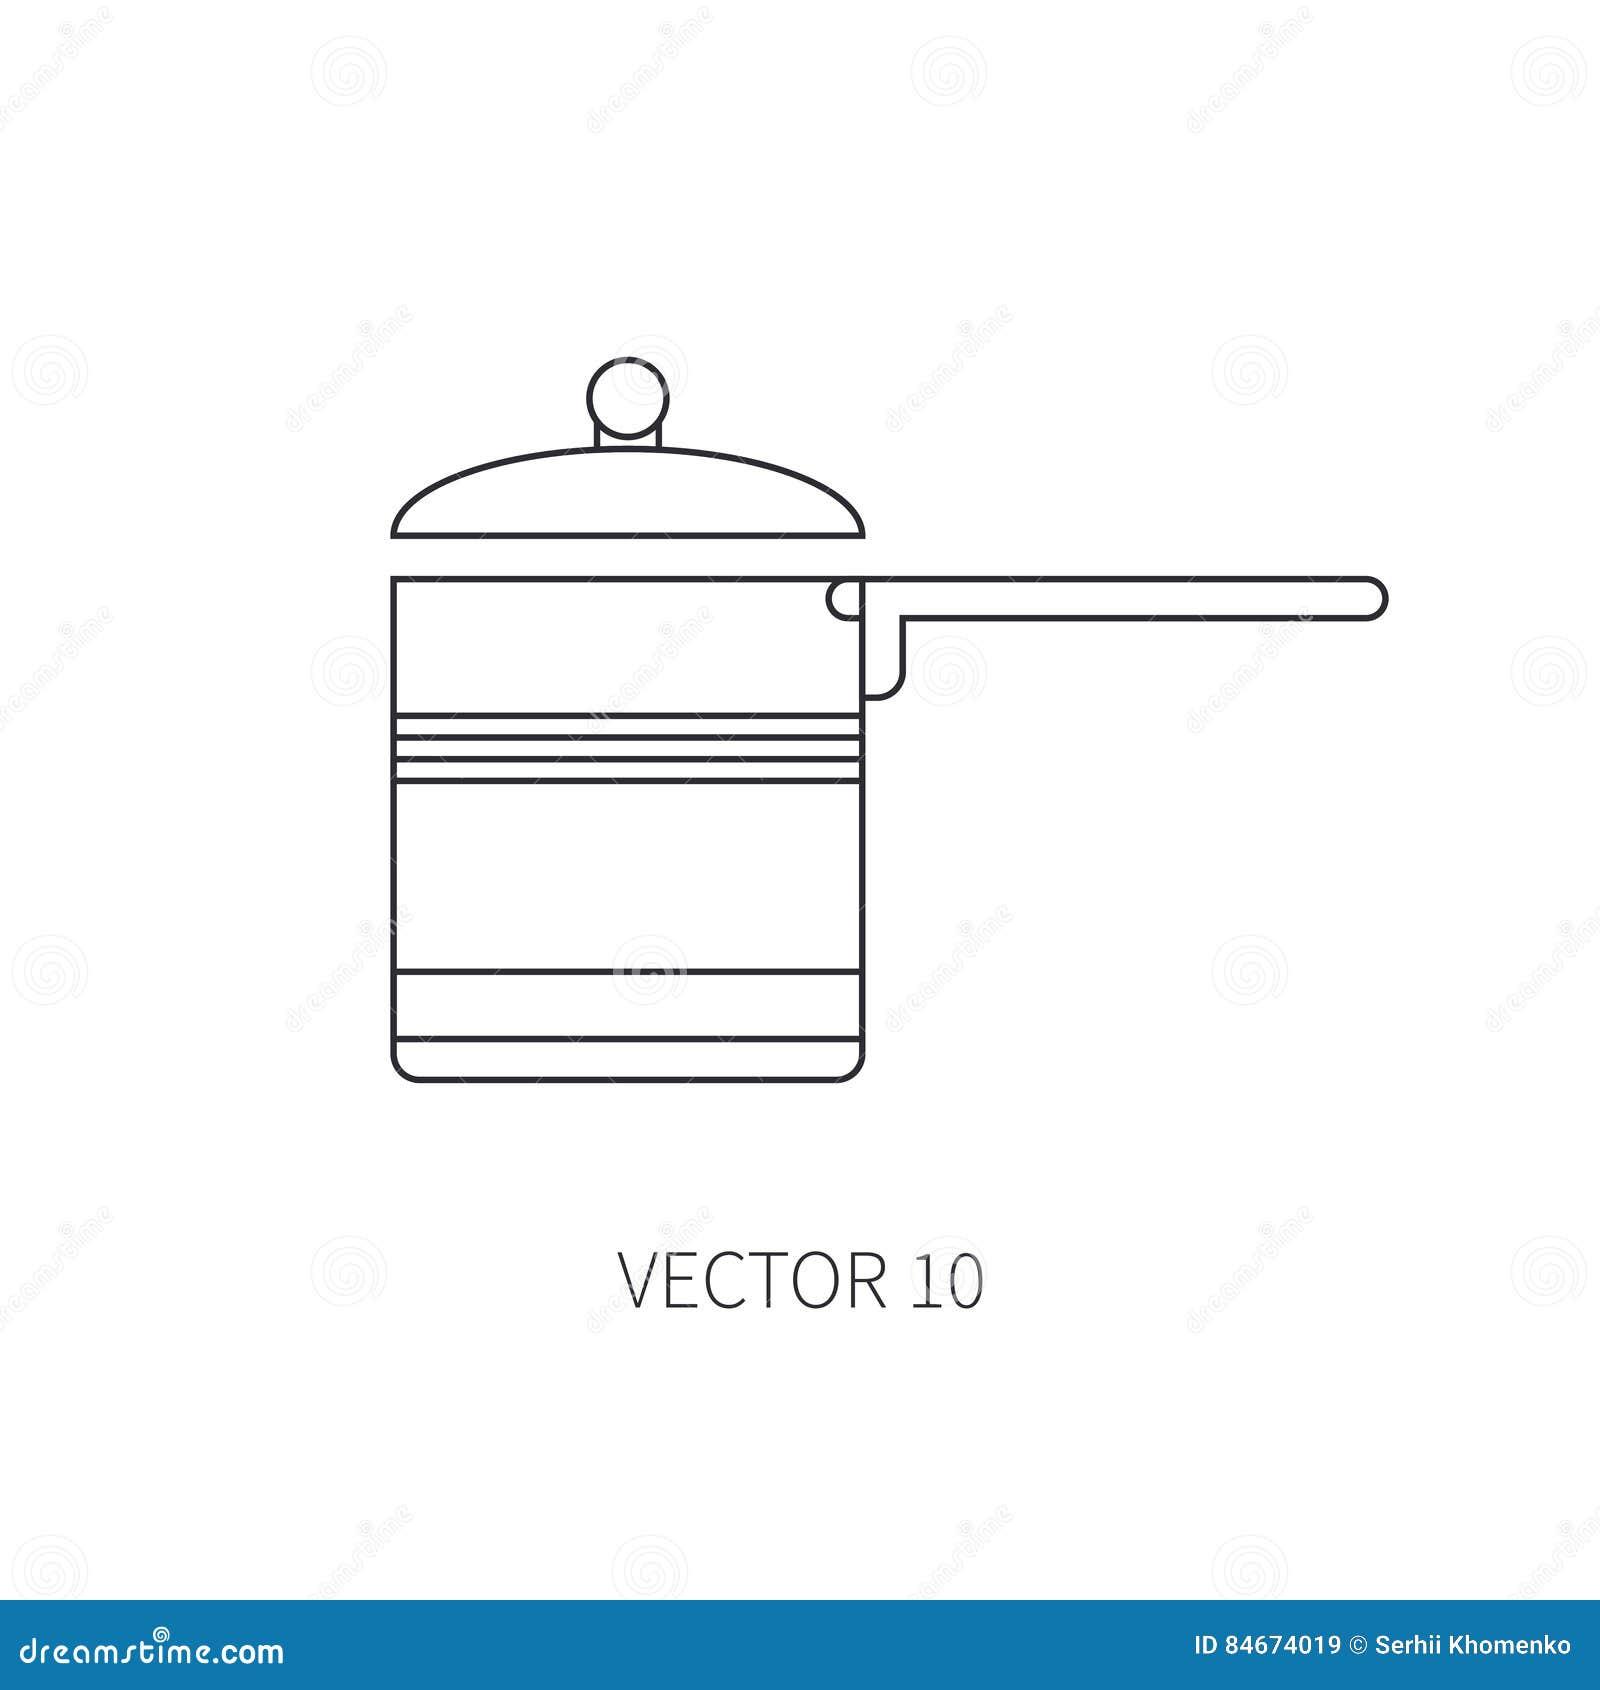 Zeichnen Sie Flache Vektorkuchengeschirrikonen Wanne Topf Tischbesteckwerkzeuge Uberlagert Einfach Zu Bearbeiten Illustration Vektor Abbildung Illustration Von Topf Bearbeiten 84674019